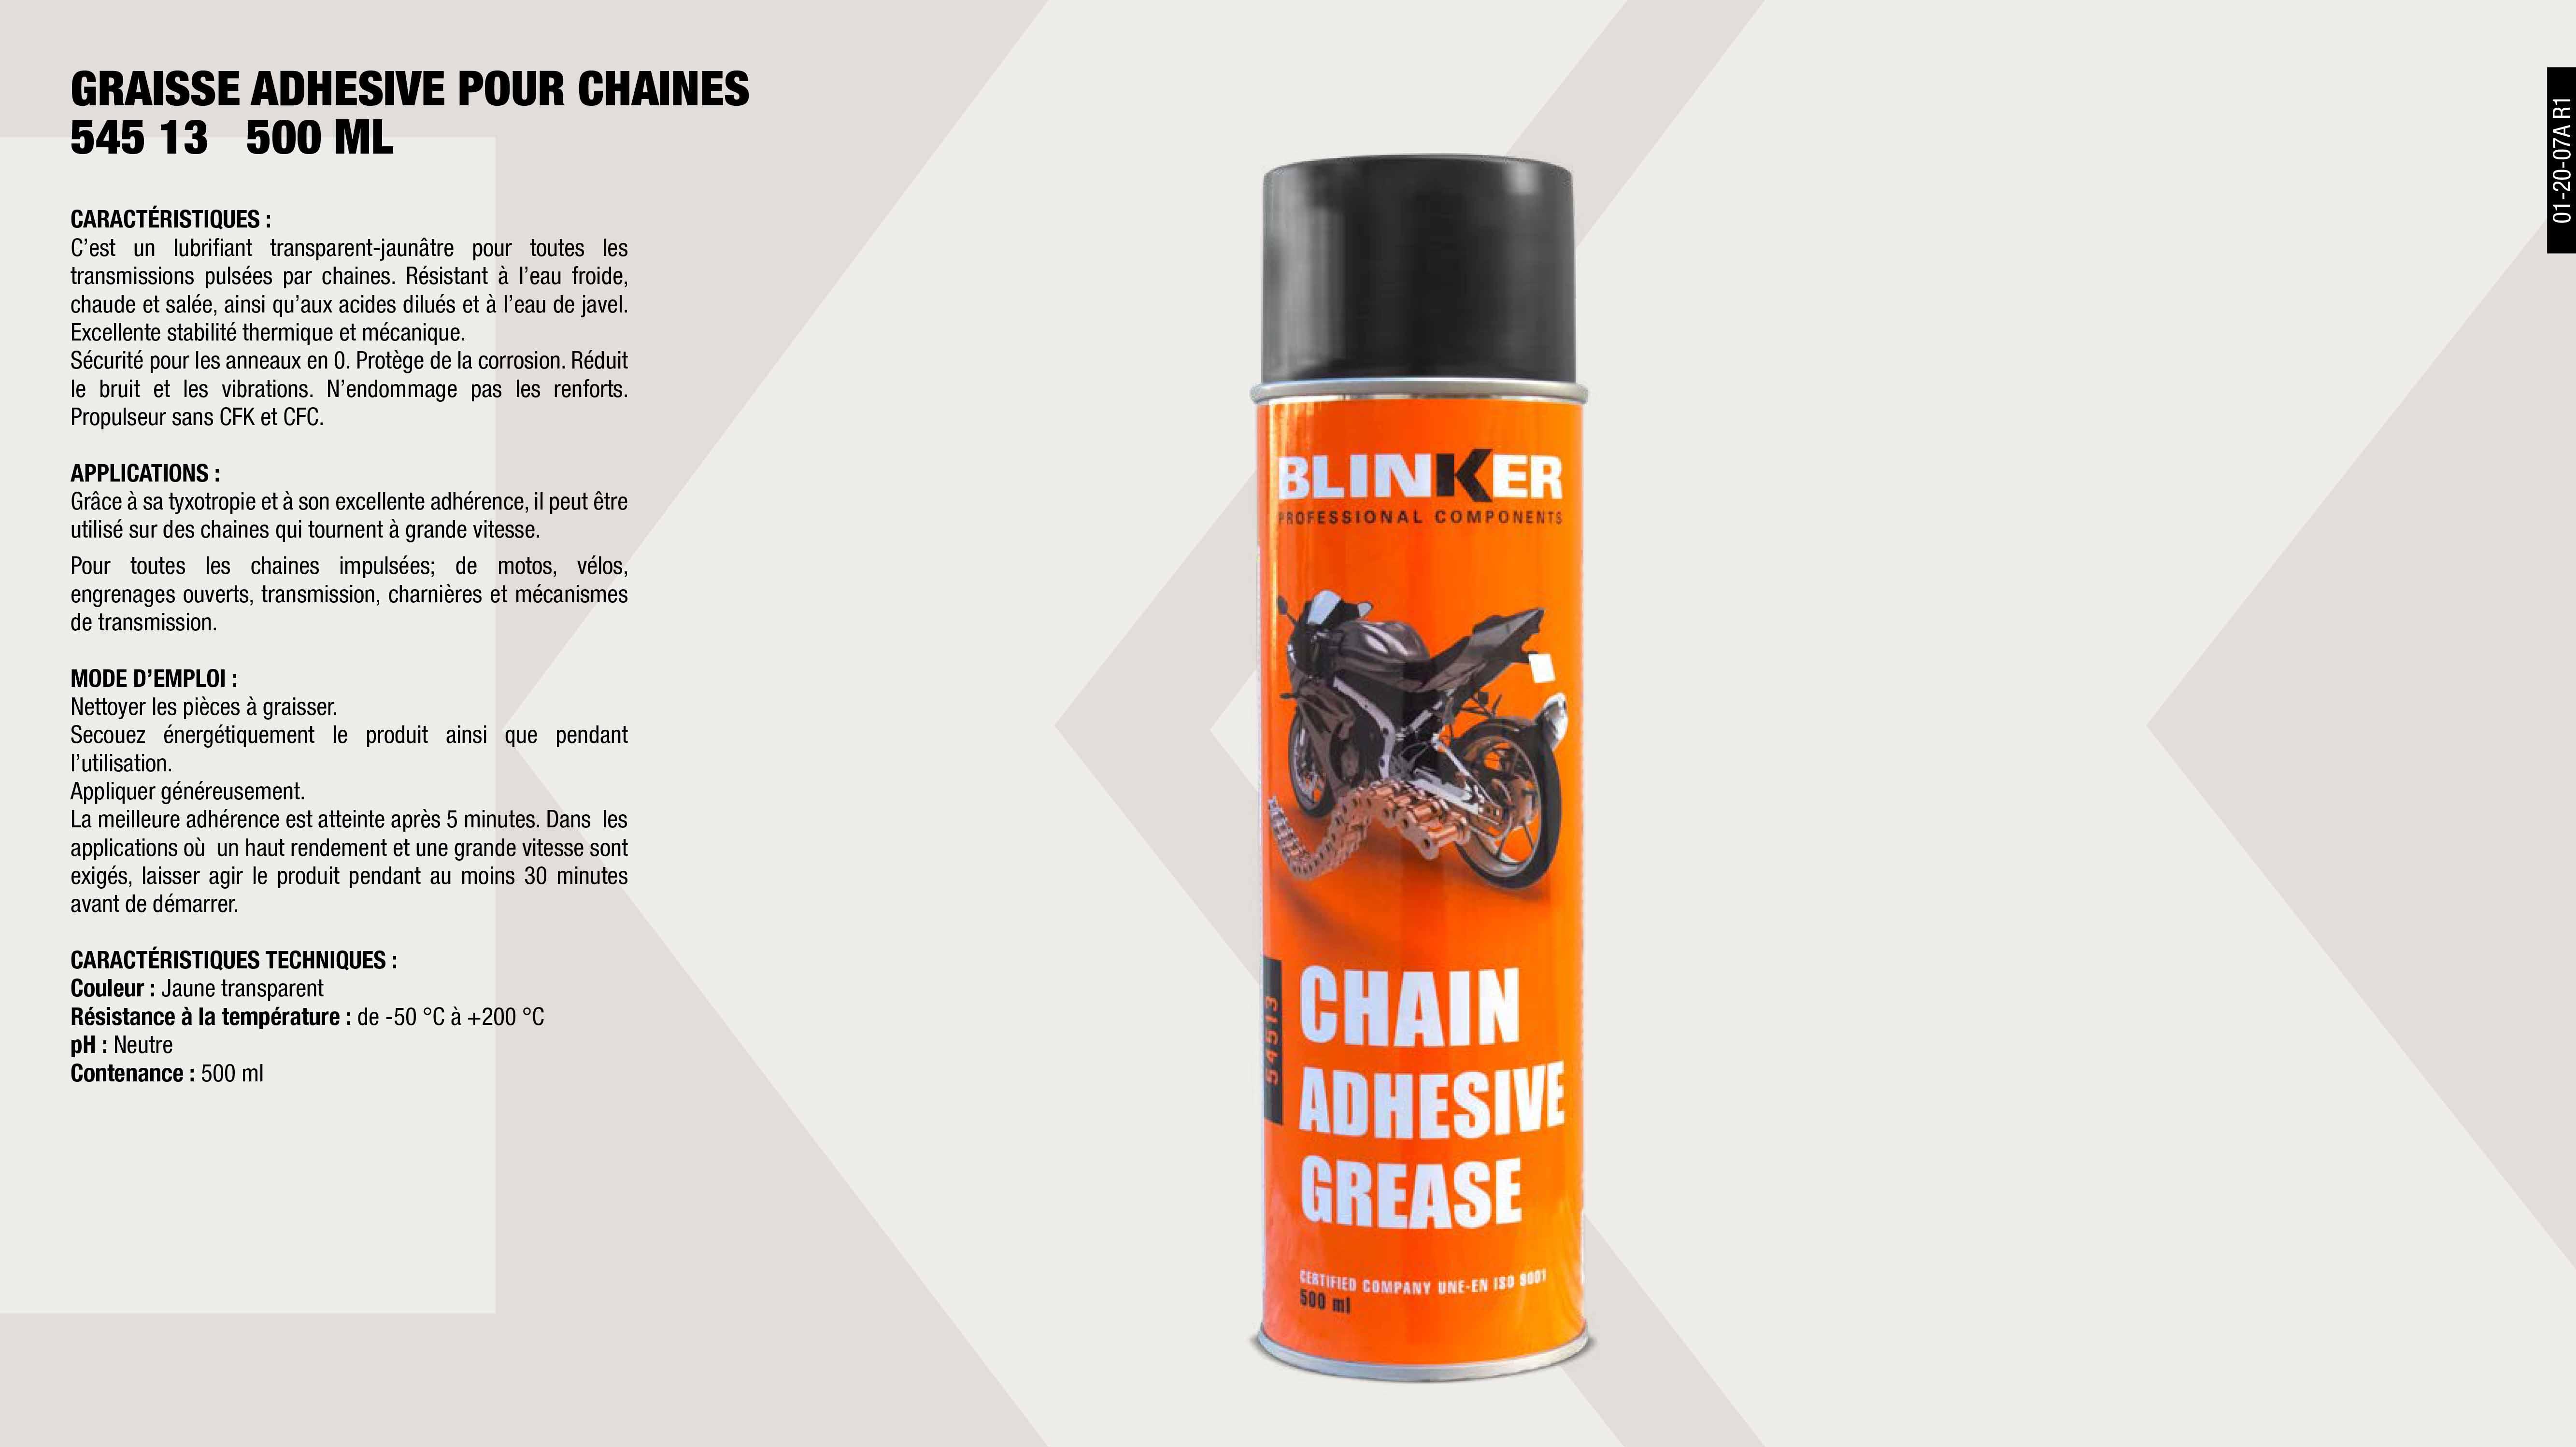 GRAISSE LIQUIDE POUR CHAINES 400ML (BIKE TECH)              ,  GRAISSE ADHESIVE POUR CHAINES 500ML (BIKE)                  ,